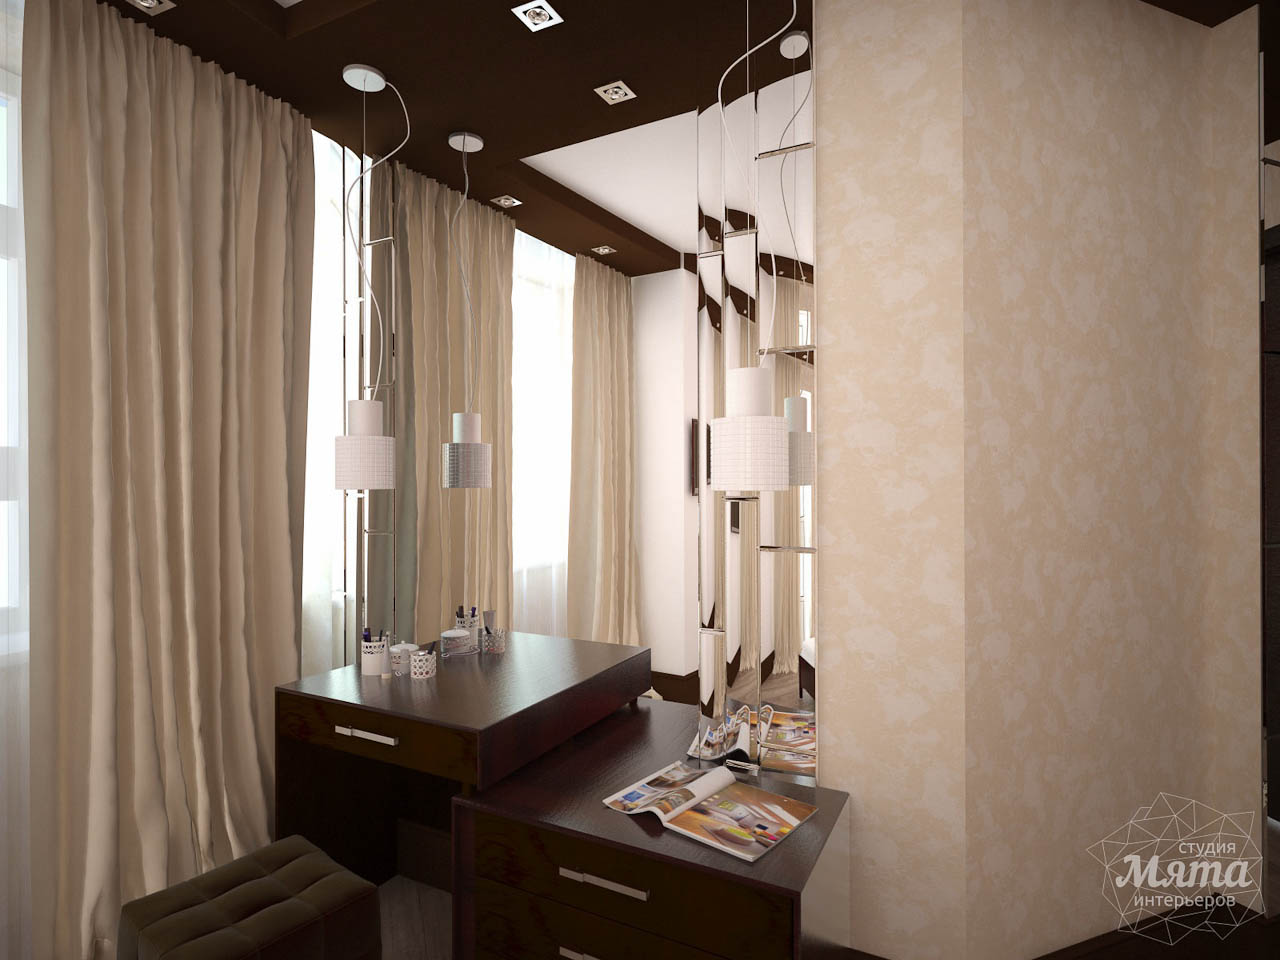 Дизайн интерьера трехкомнатной квартиры по ул. Белинского 222 img1881243152